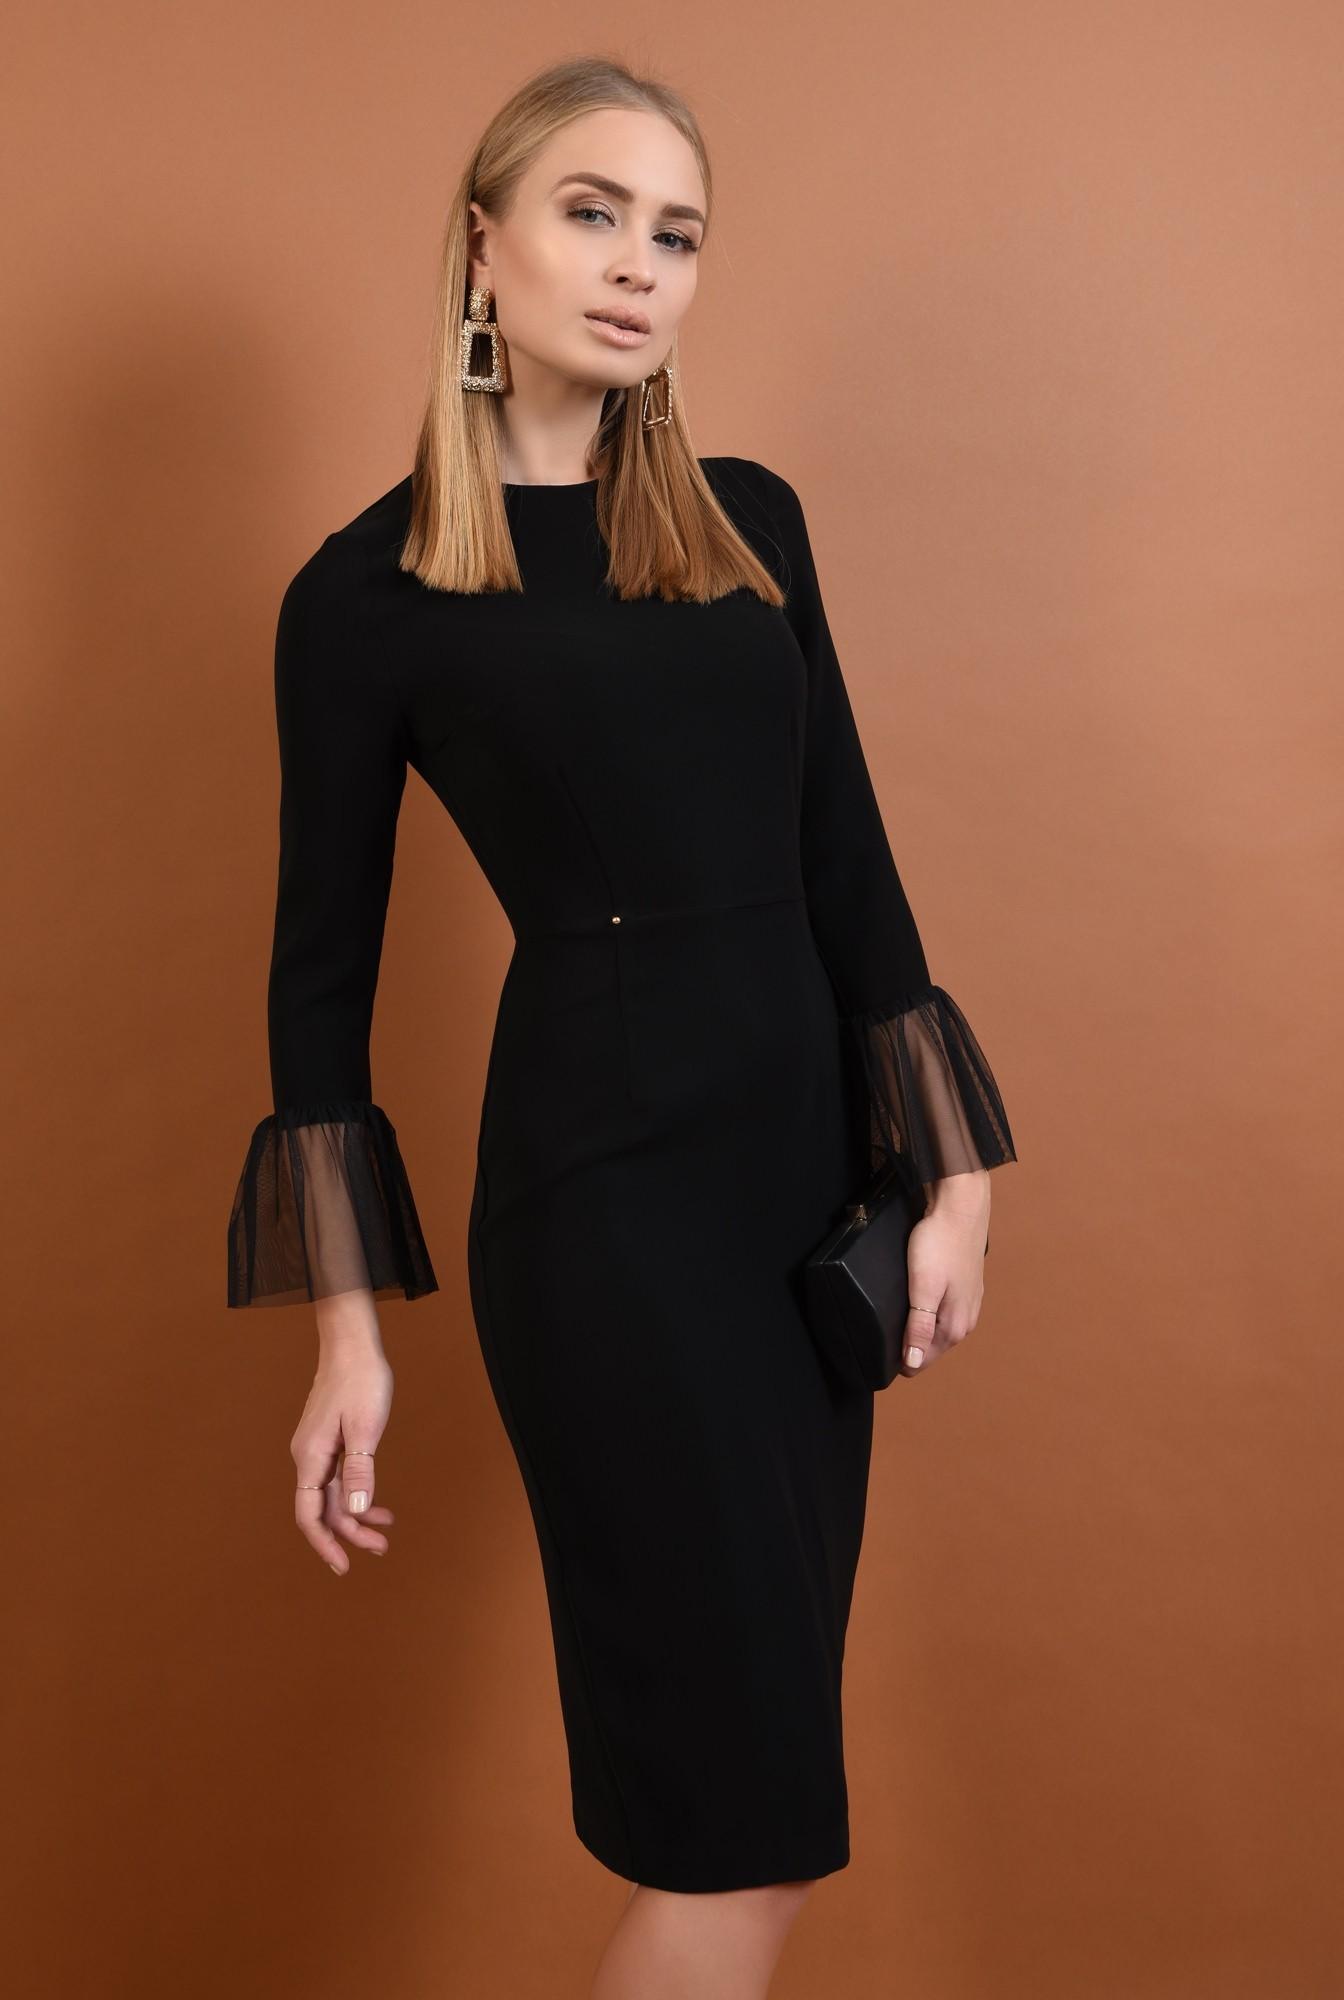 0 - 360 - rochie eleganta, bodycon, mansete transparente, rochii online, tul